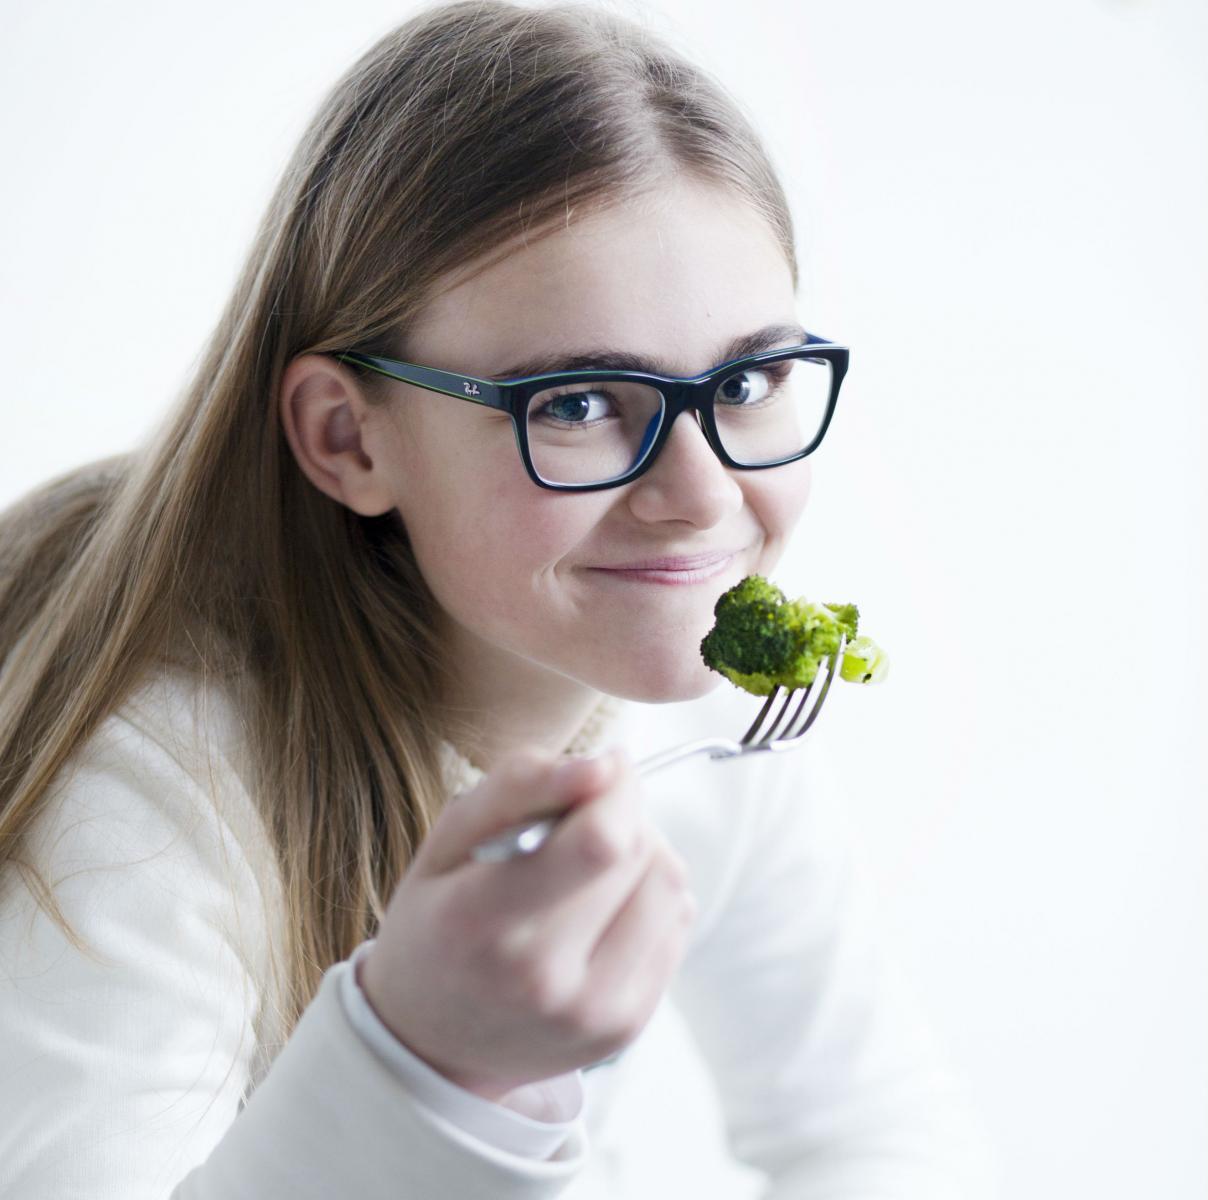 Brokula je čudesno zdrava namirnica, a što je još bolje - odlično se slaže s mesom, s ribom, ali i s drugim povrćem.